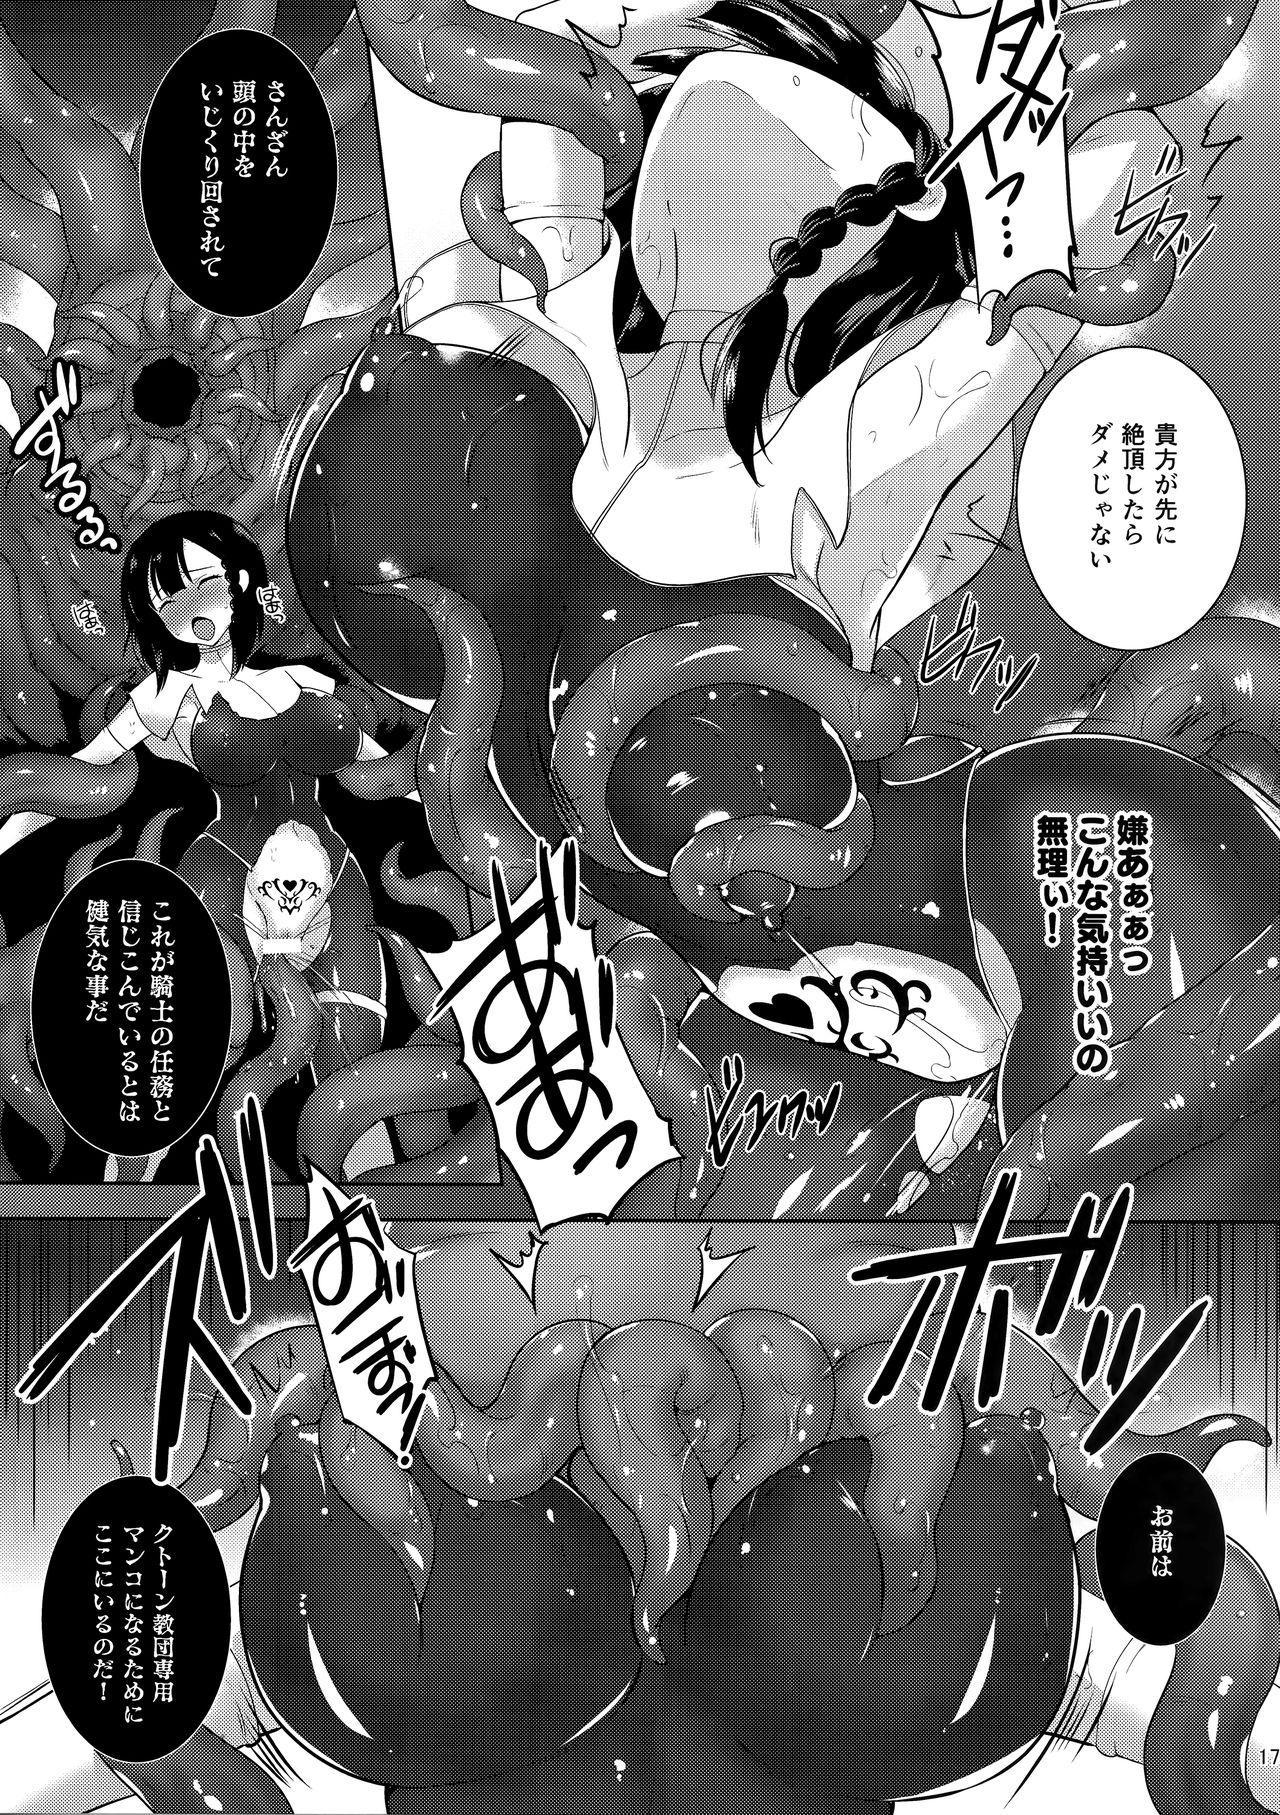 Infection Shinmai Kishi Lavinia no Junan 15